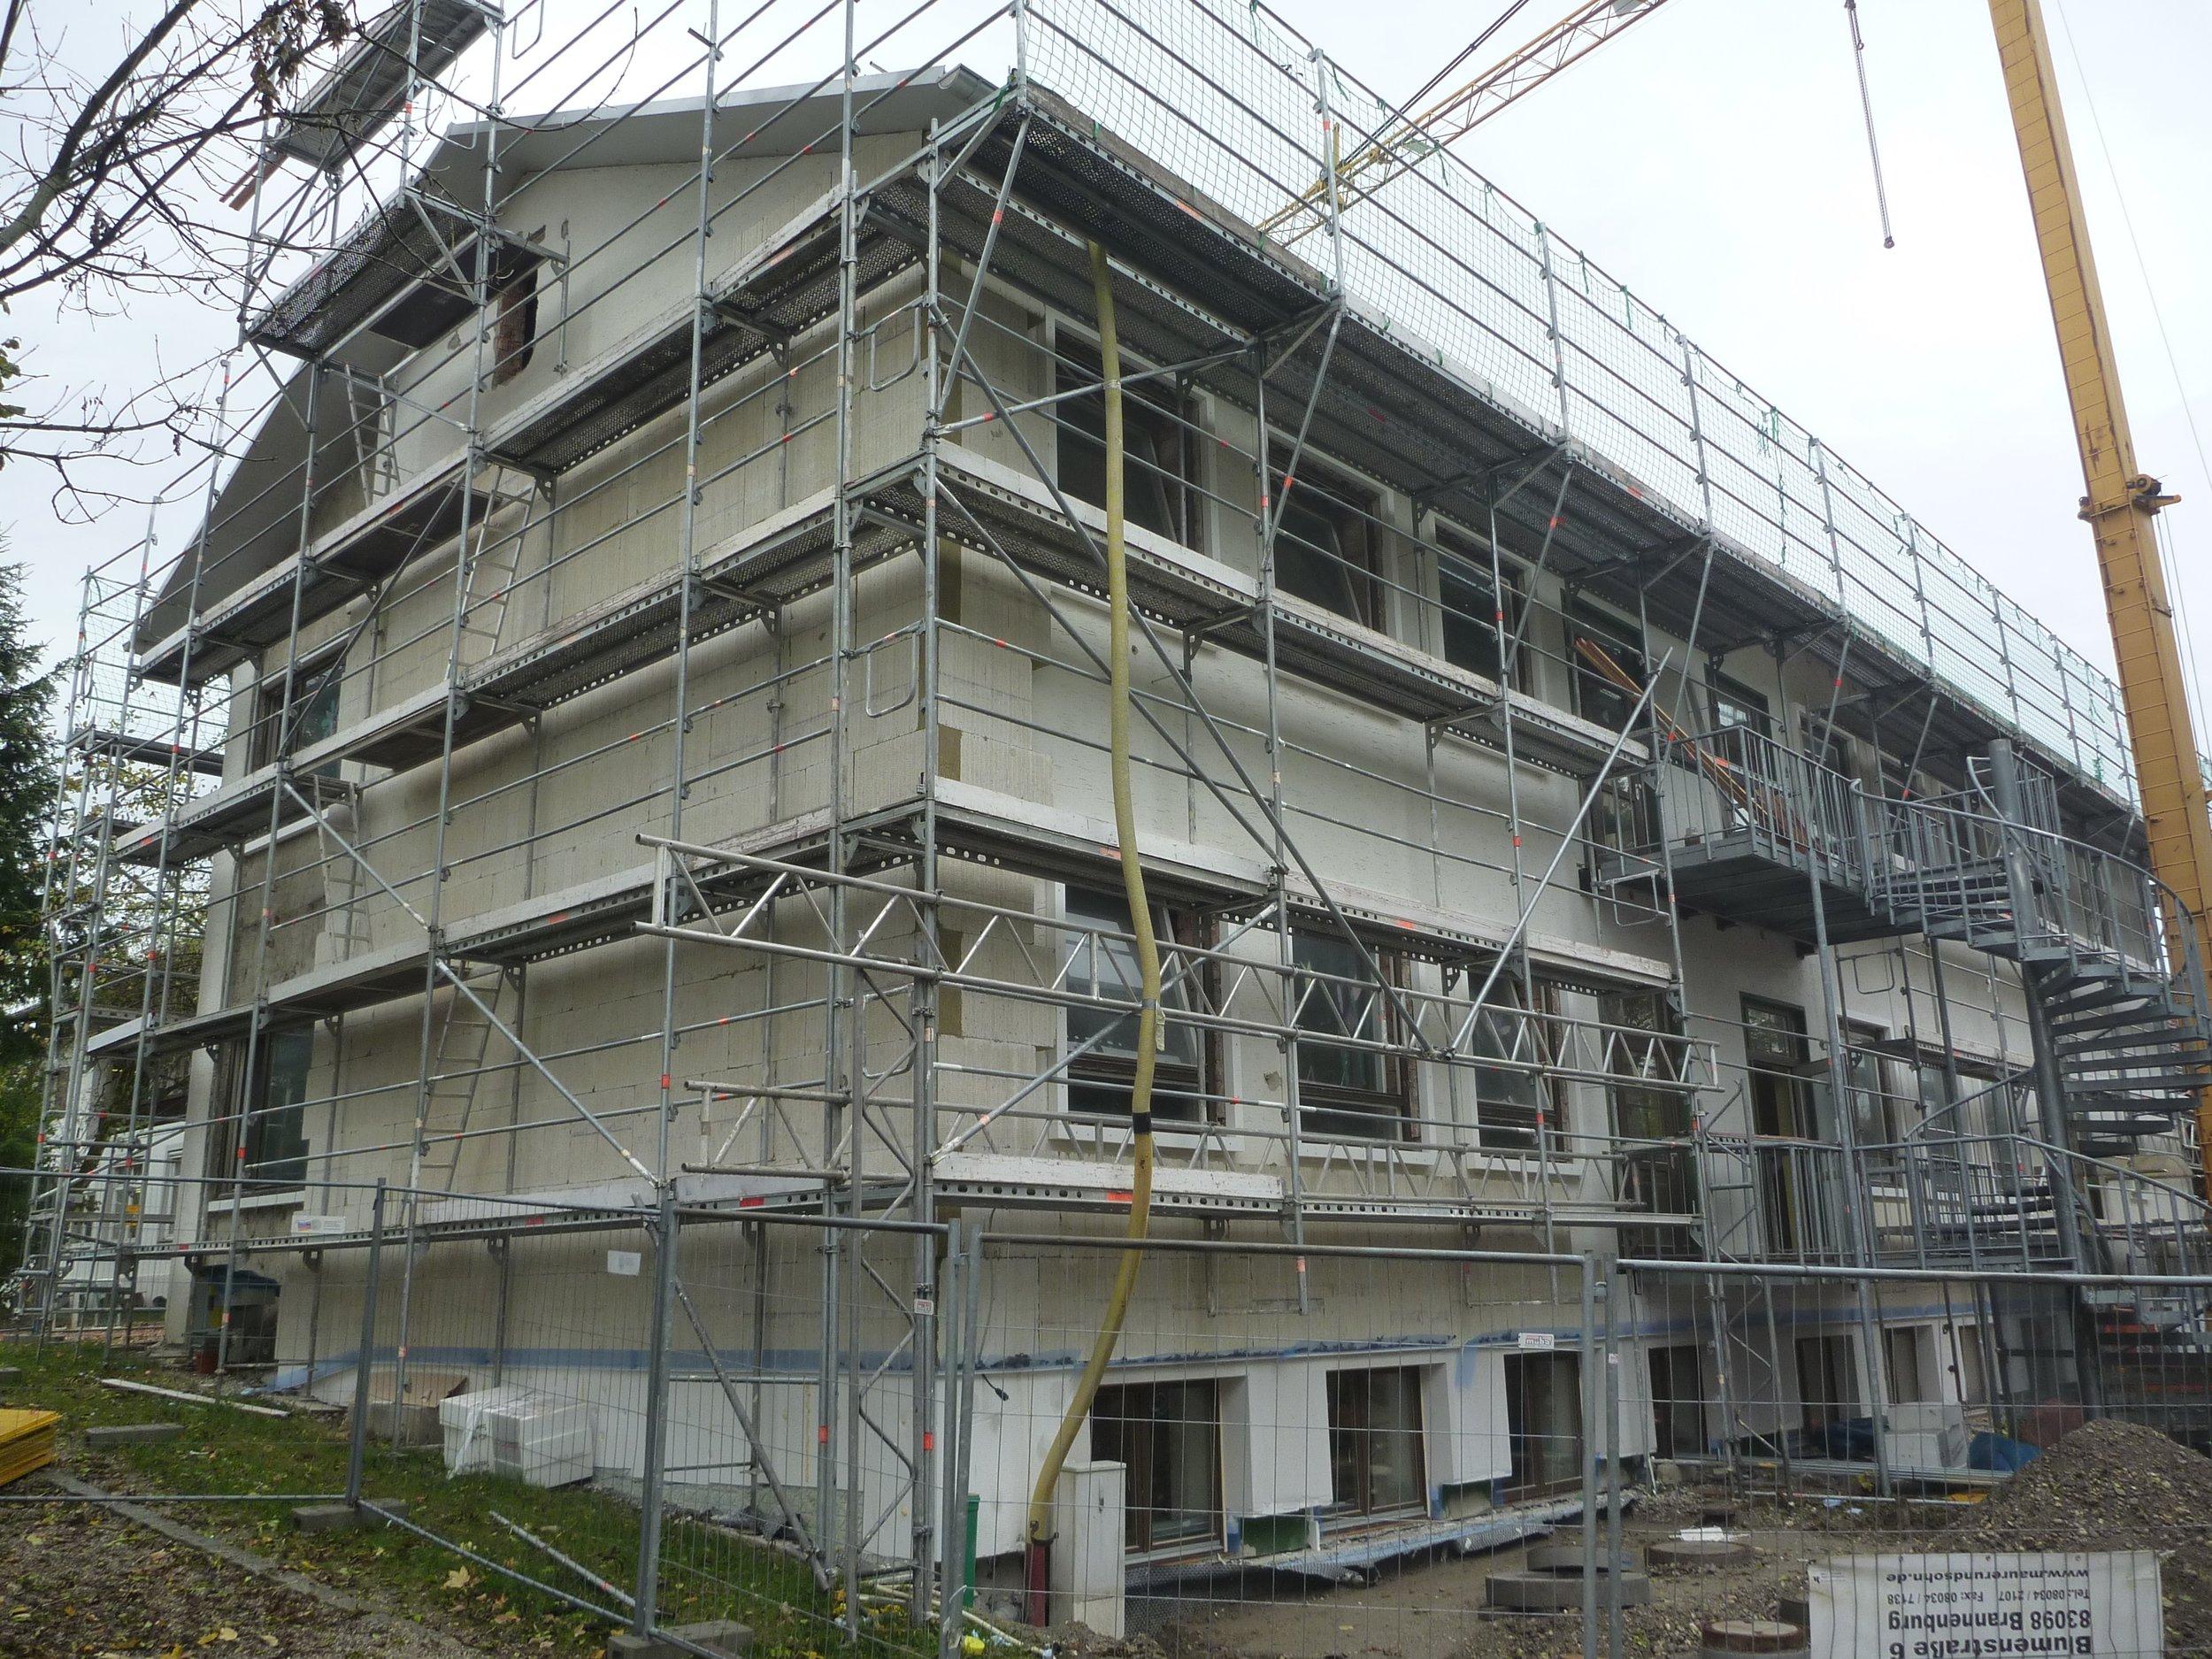 Montessorischule Rohrdorf / Rohbau Sanierung